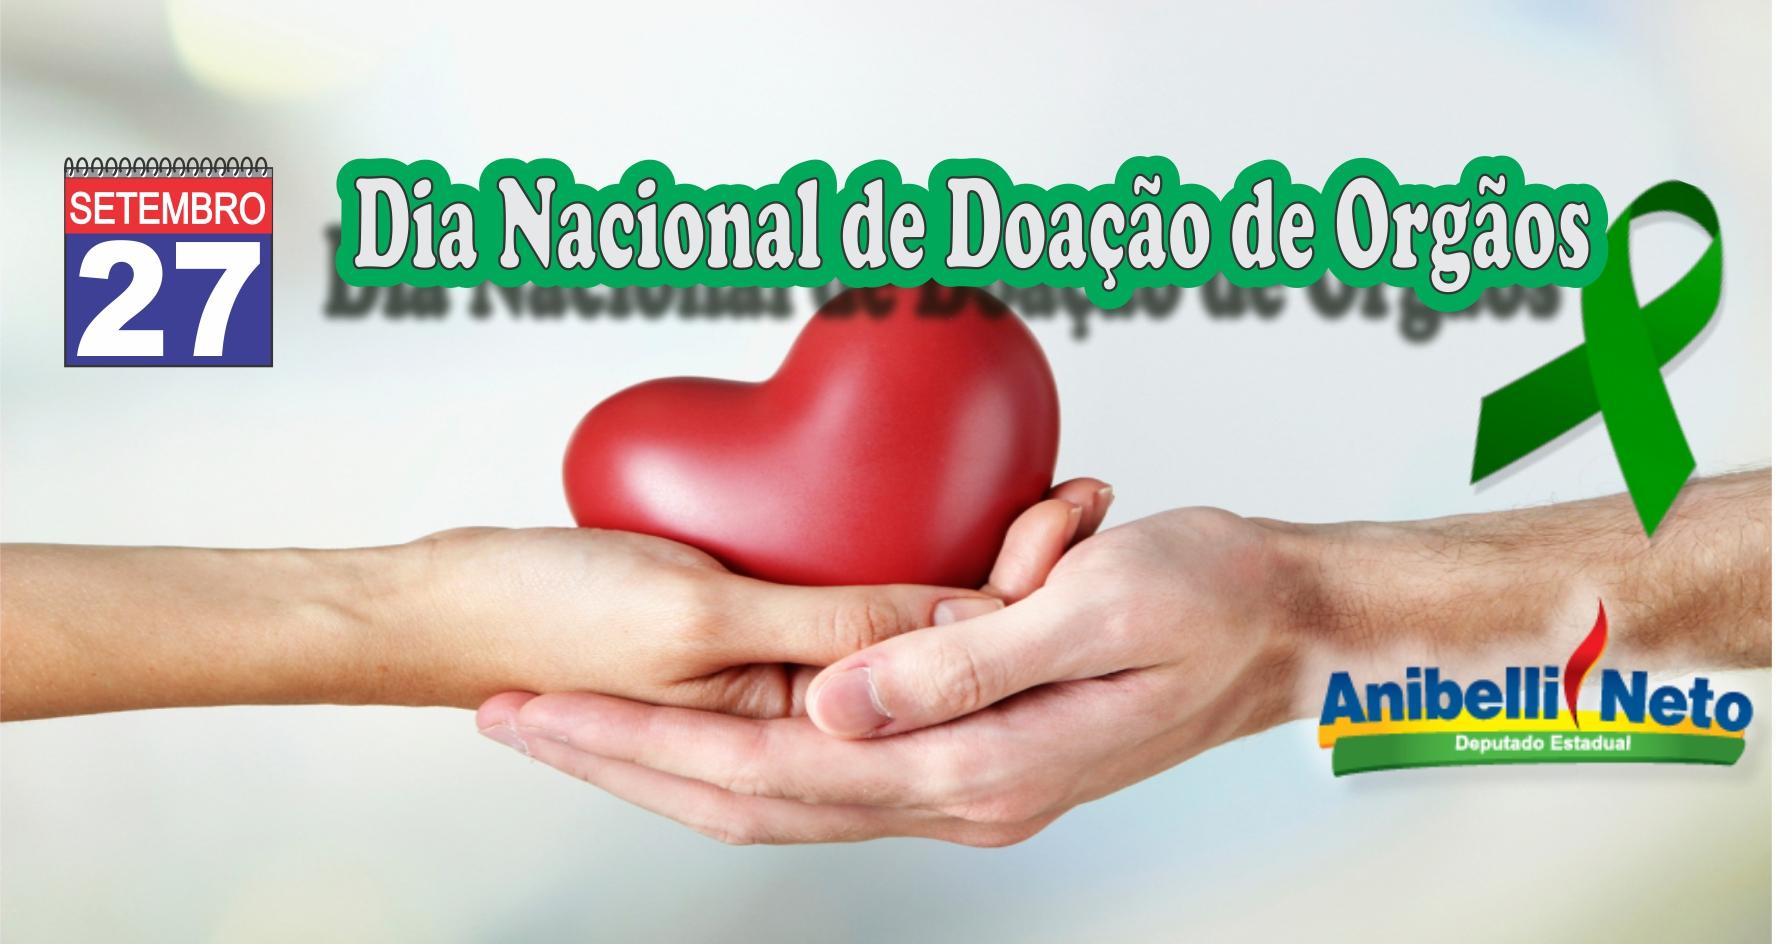 Dia Nacional de Doação de Órgãos